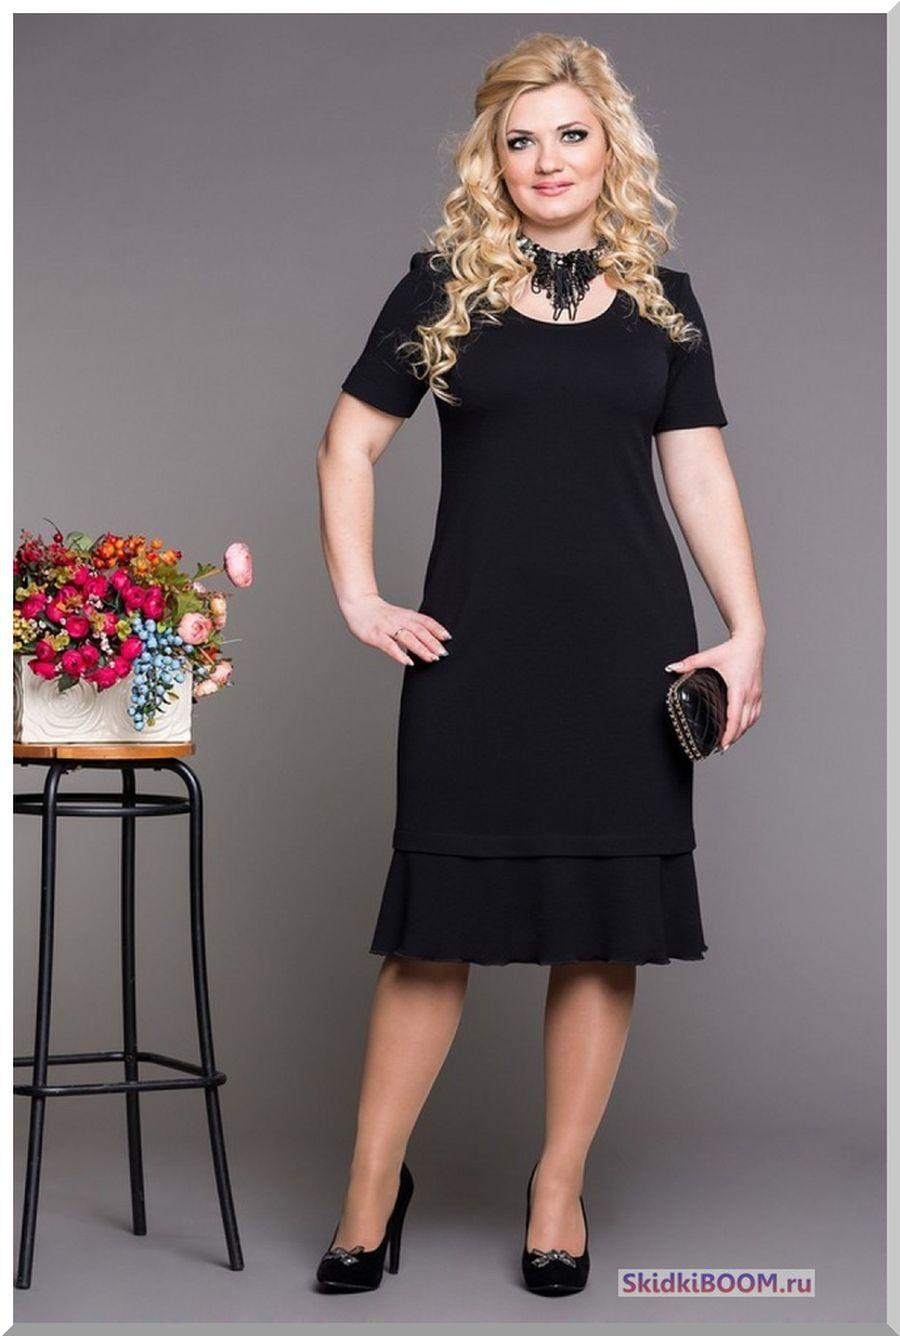 Модные платья для женщин после 50